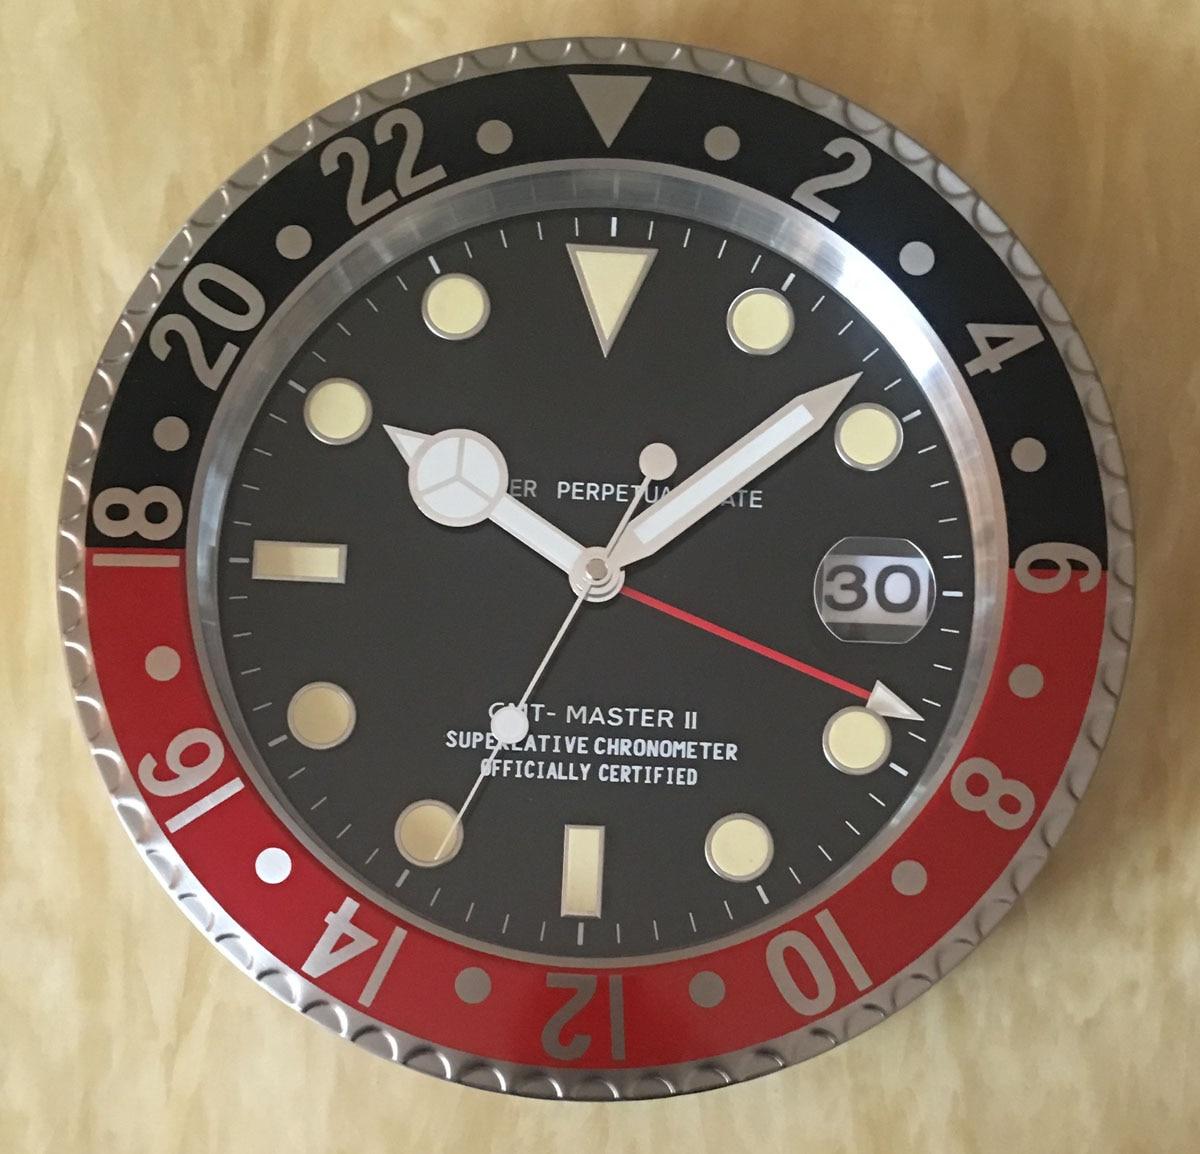 S & F Mit Lupe Einzelhandel Metall Uhr Form Wanduhr mit Kalender Luxus Uhr an Der Wand - 3